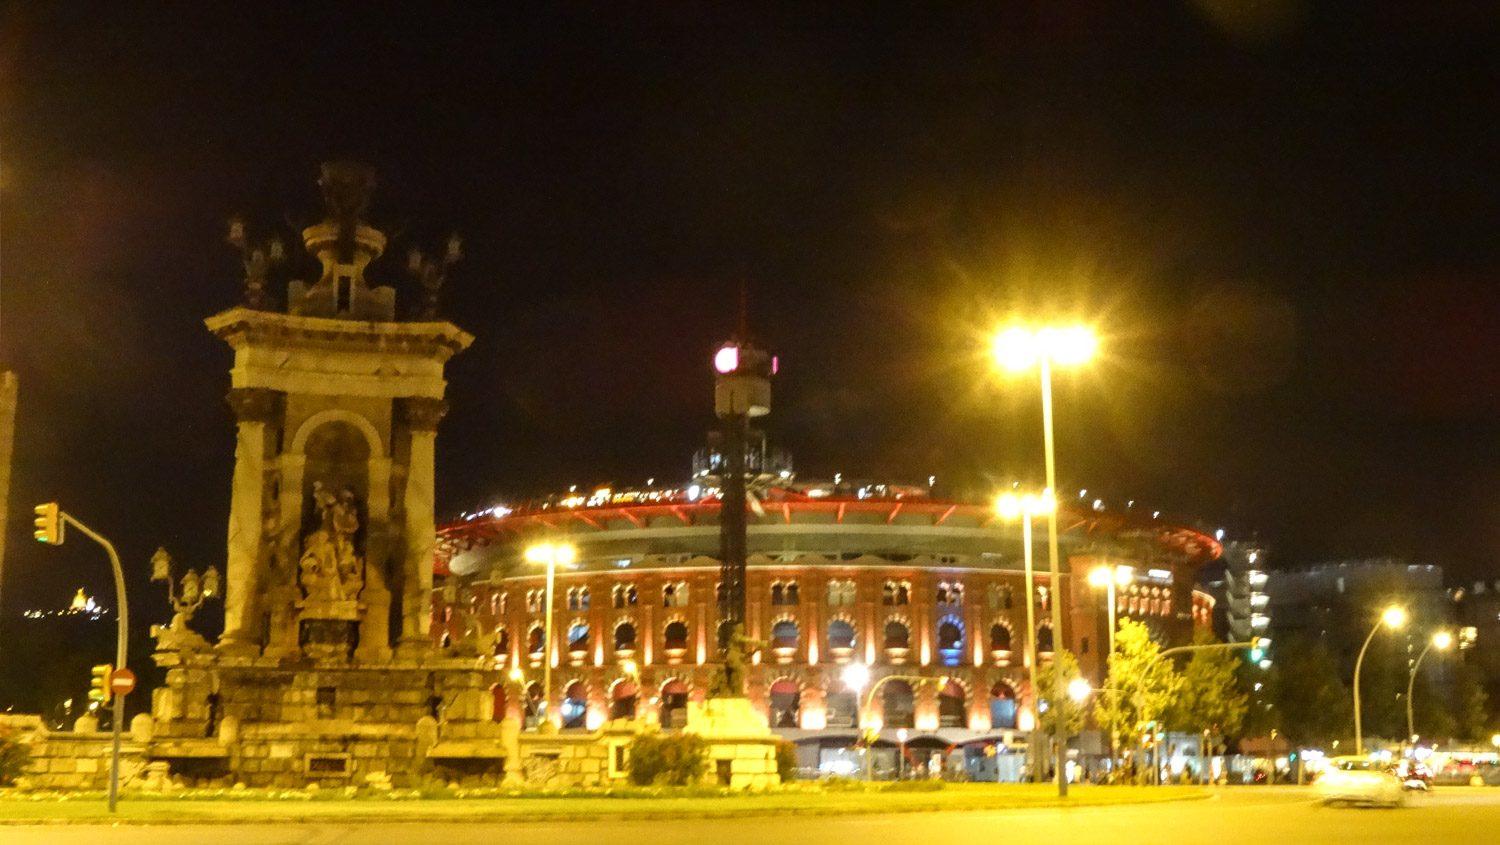 Arenas de Barcelona - построенная в 1900-м году арена для корриды, а после ее запрета - торговый центр